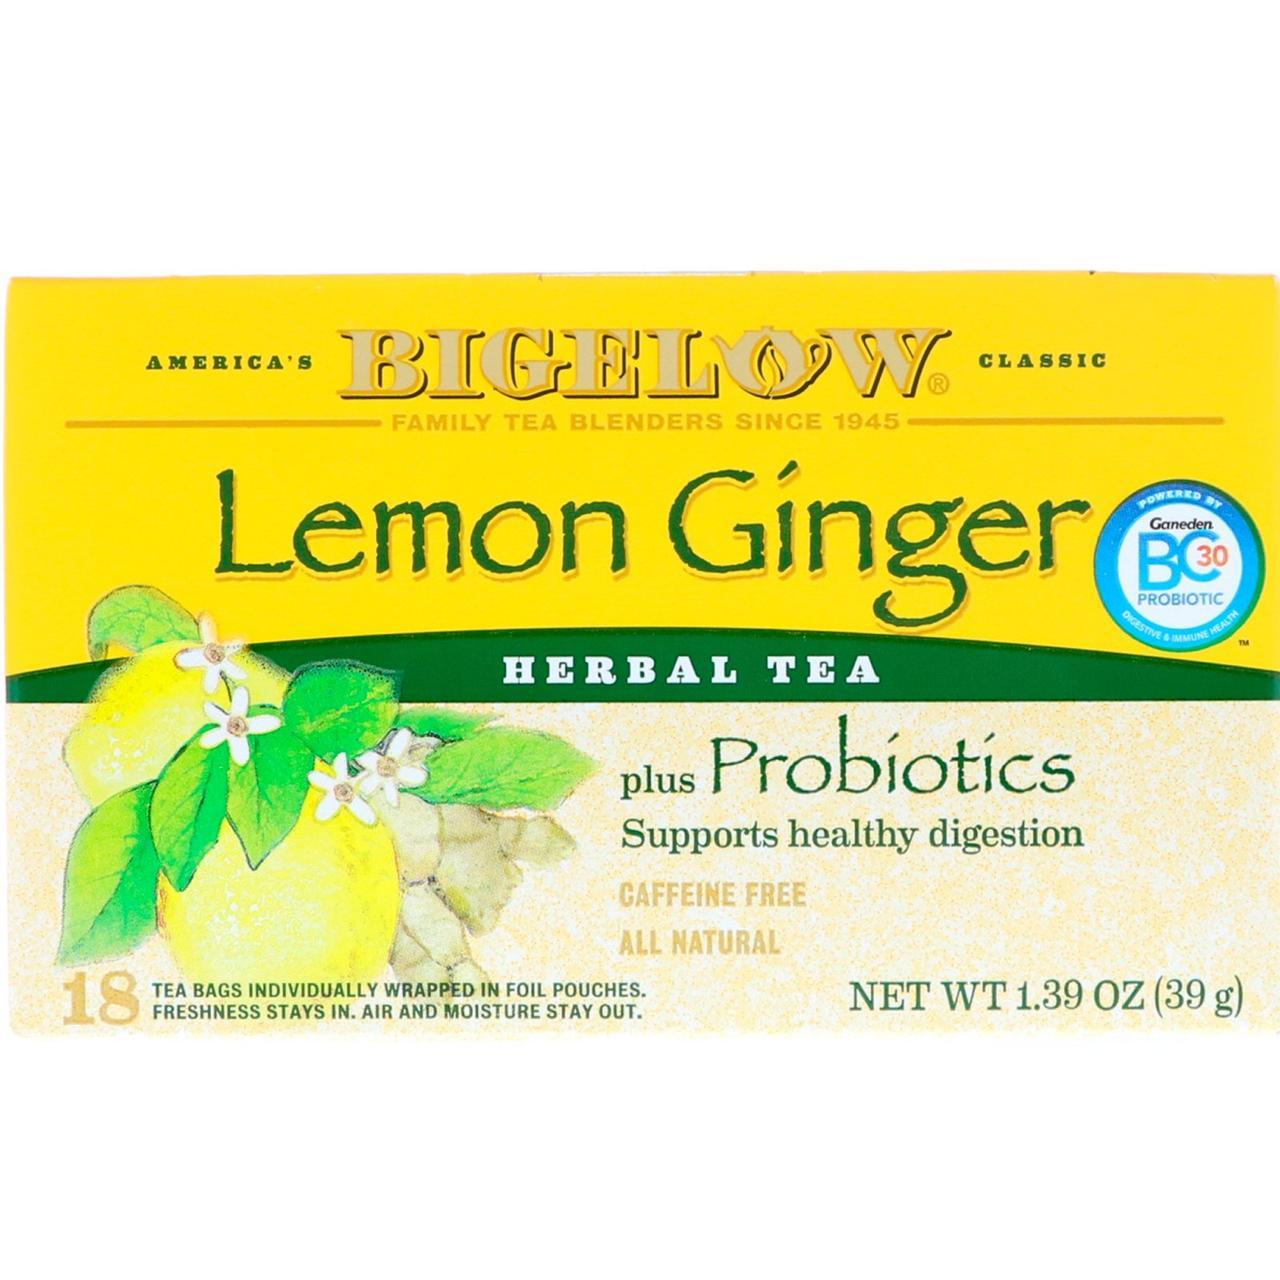 Травяной чай с ароматом лимона, Bigelow, 20 пакетов, 39 г